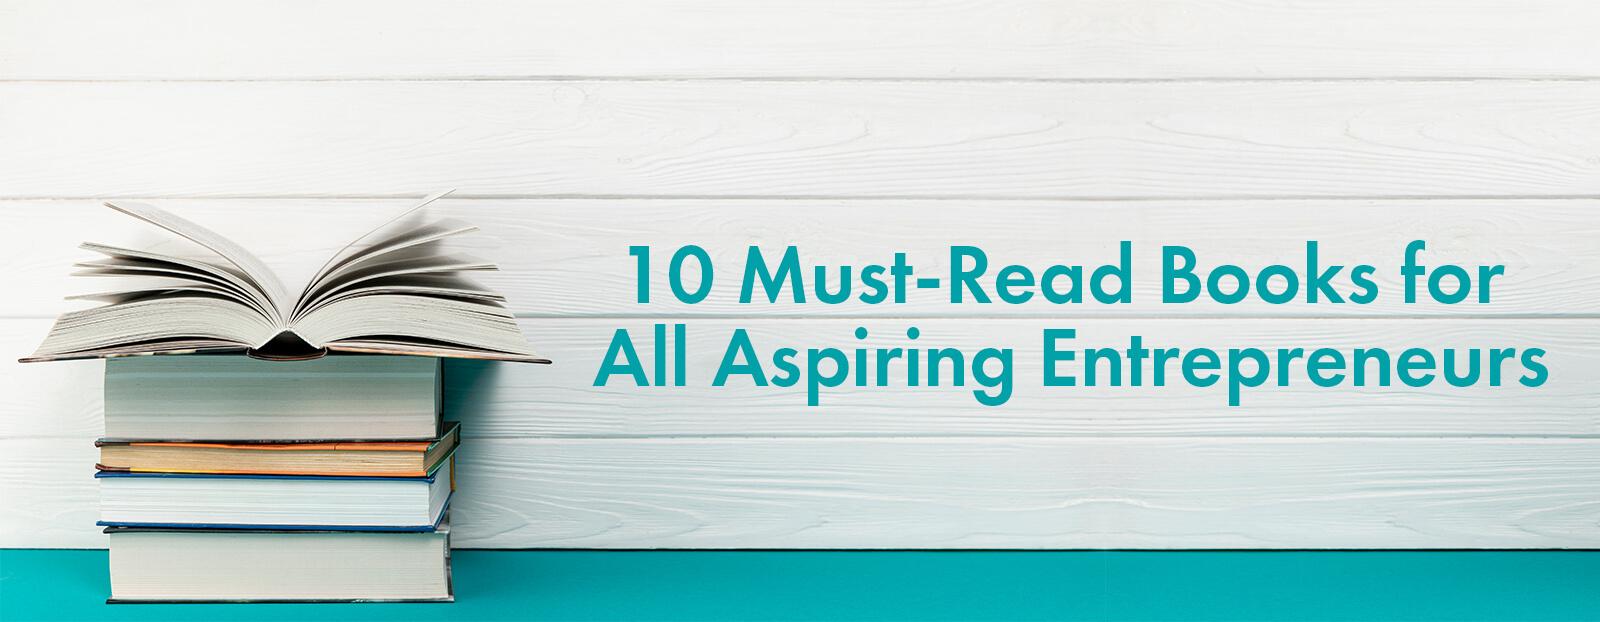 10 Must-Read Books for All Aspiring Entrepreneurs